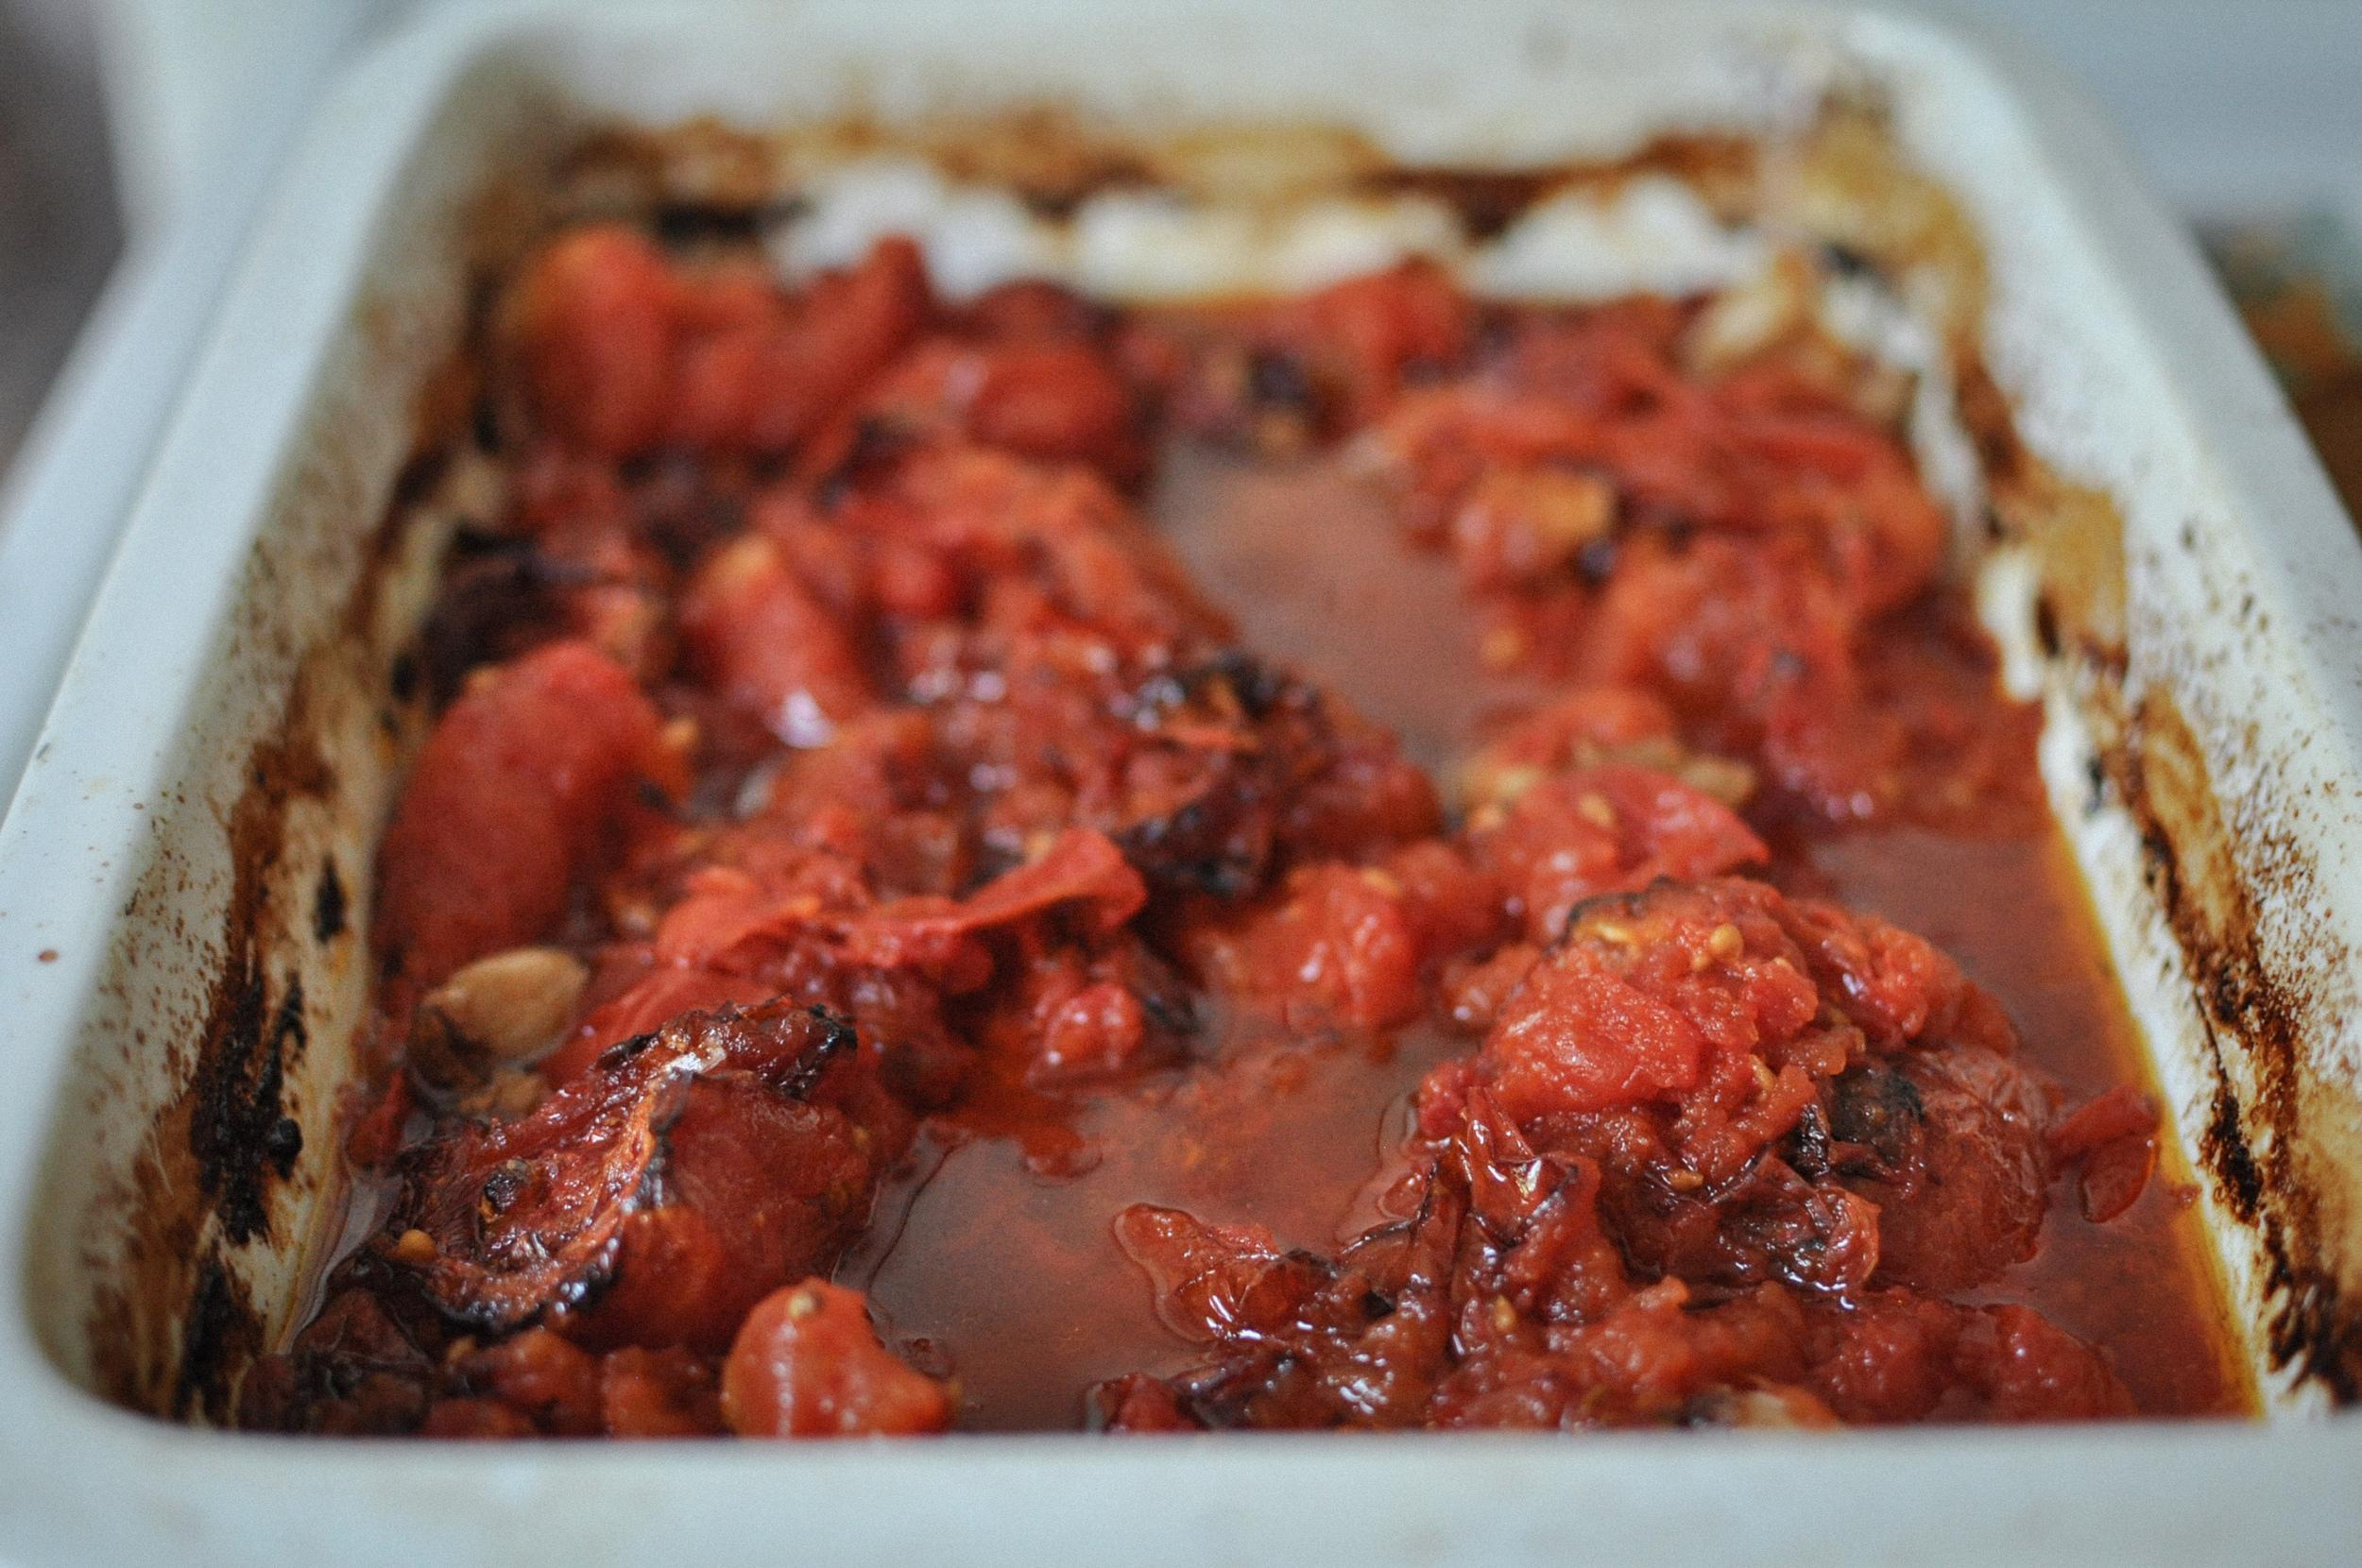 tomato_soup3.jpg